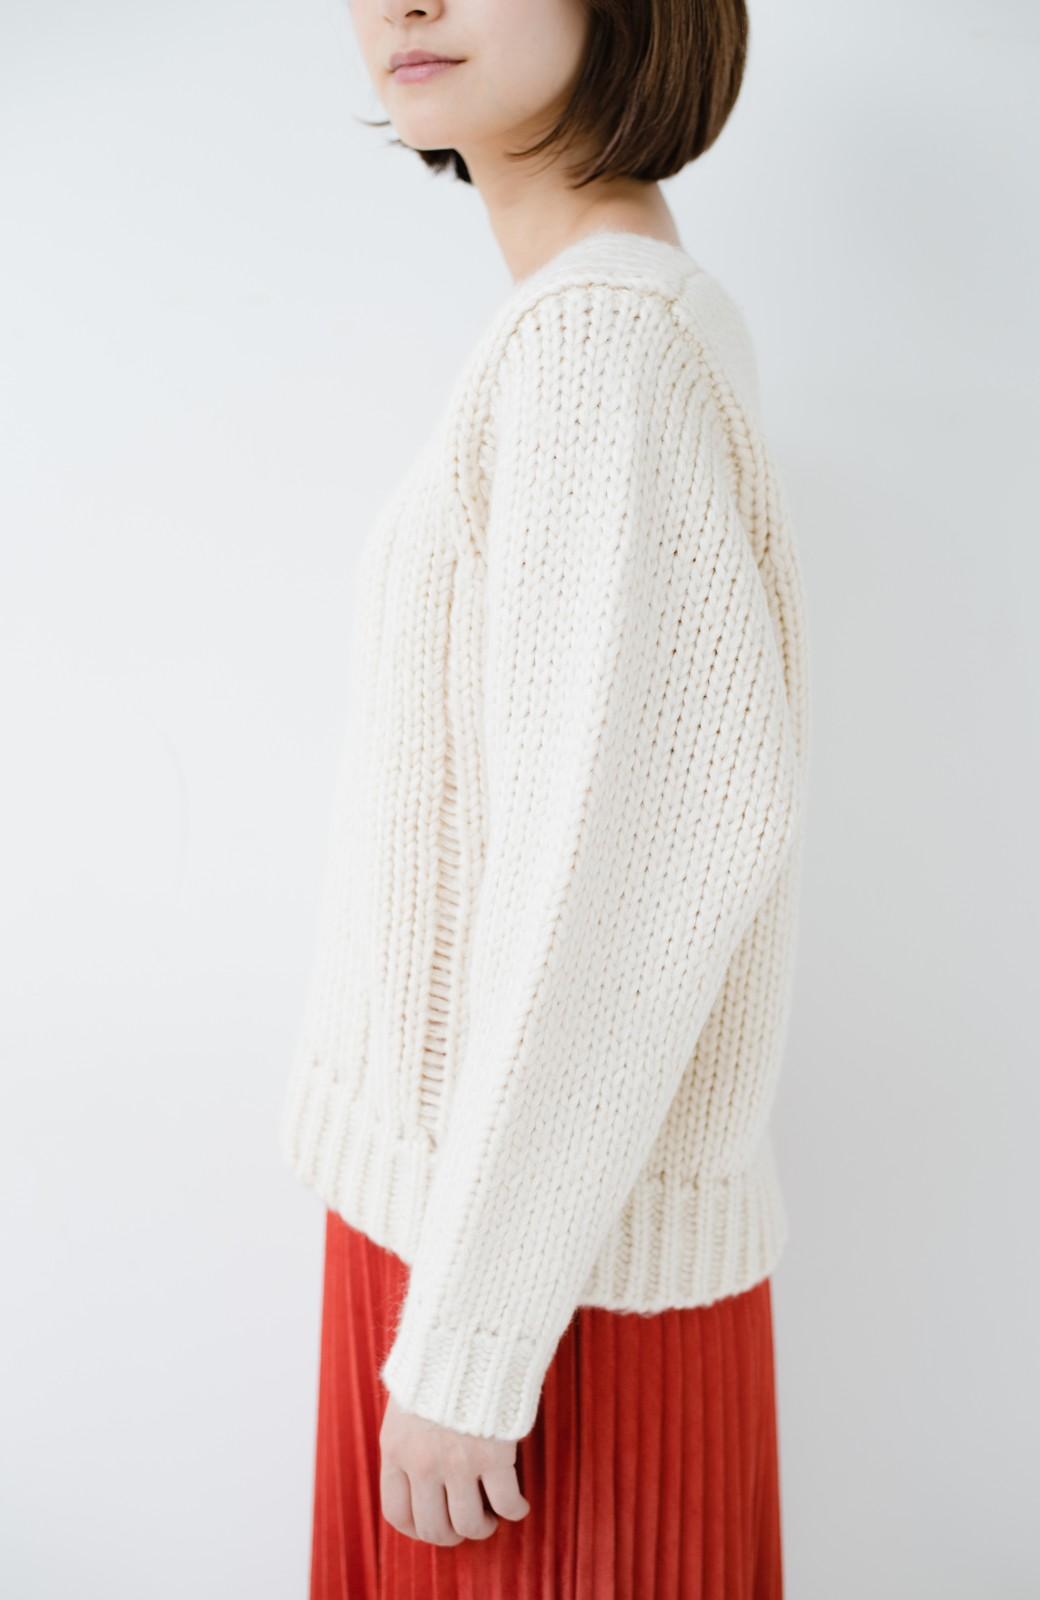 haco! さりげなく女っぽい 手編み風ざっくりニット <アイボリー>の商品写真5